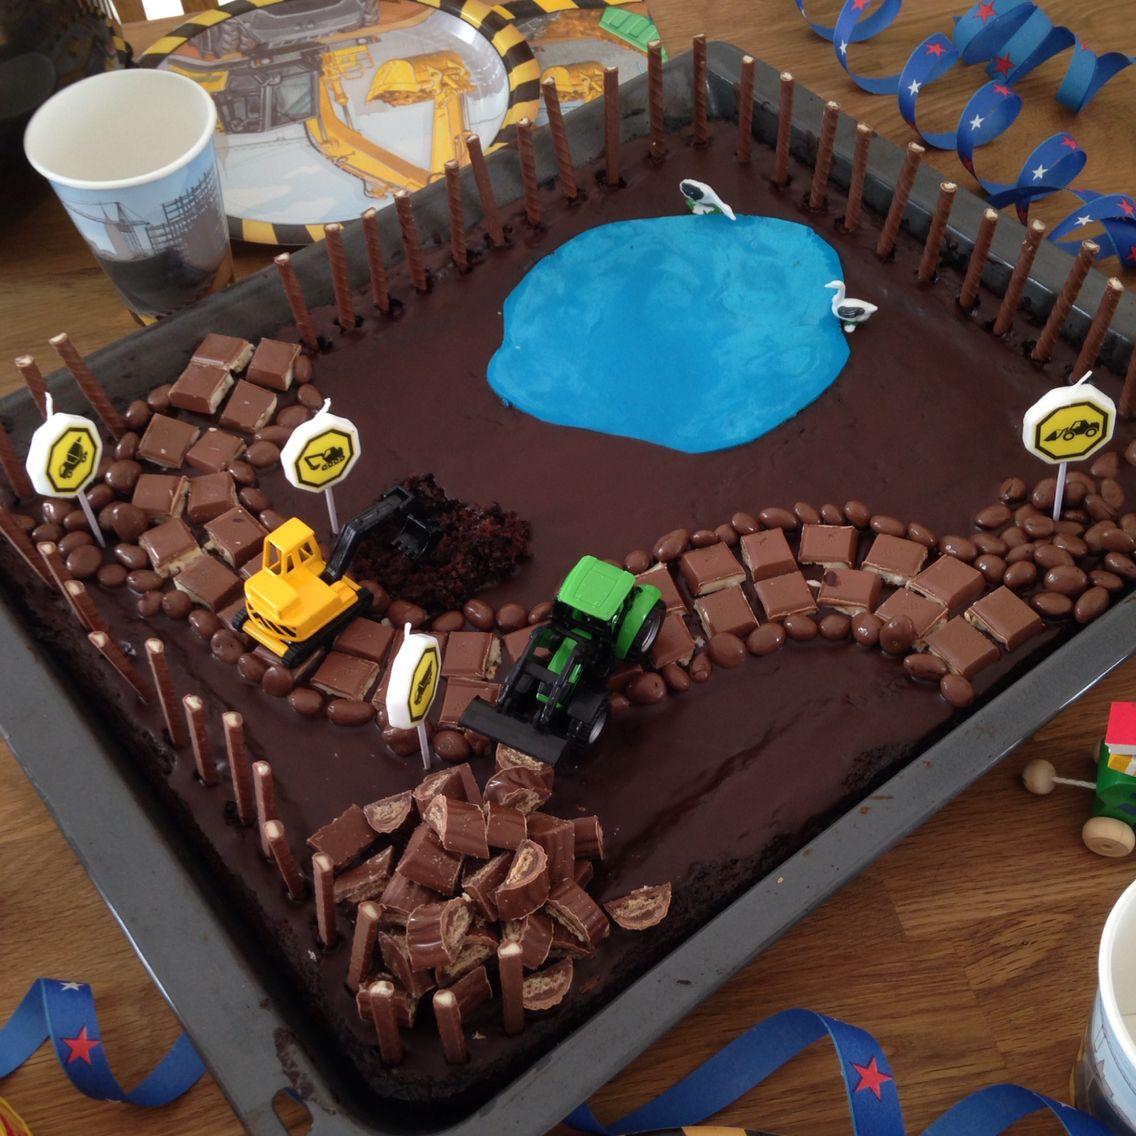 Schoko Blechkuchen Im Bagger Stil Fur Meinen Baustellen Und Baggerfan Blechkuchen Kindergeburtstag Kuchen Kindergeburtstag Kinder Kuchen